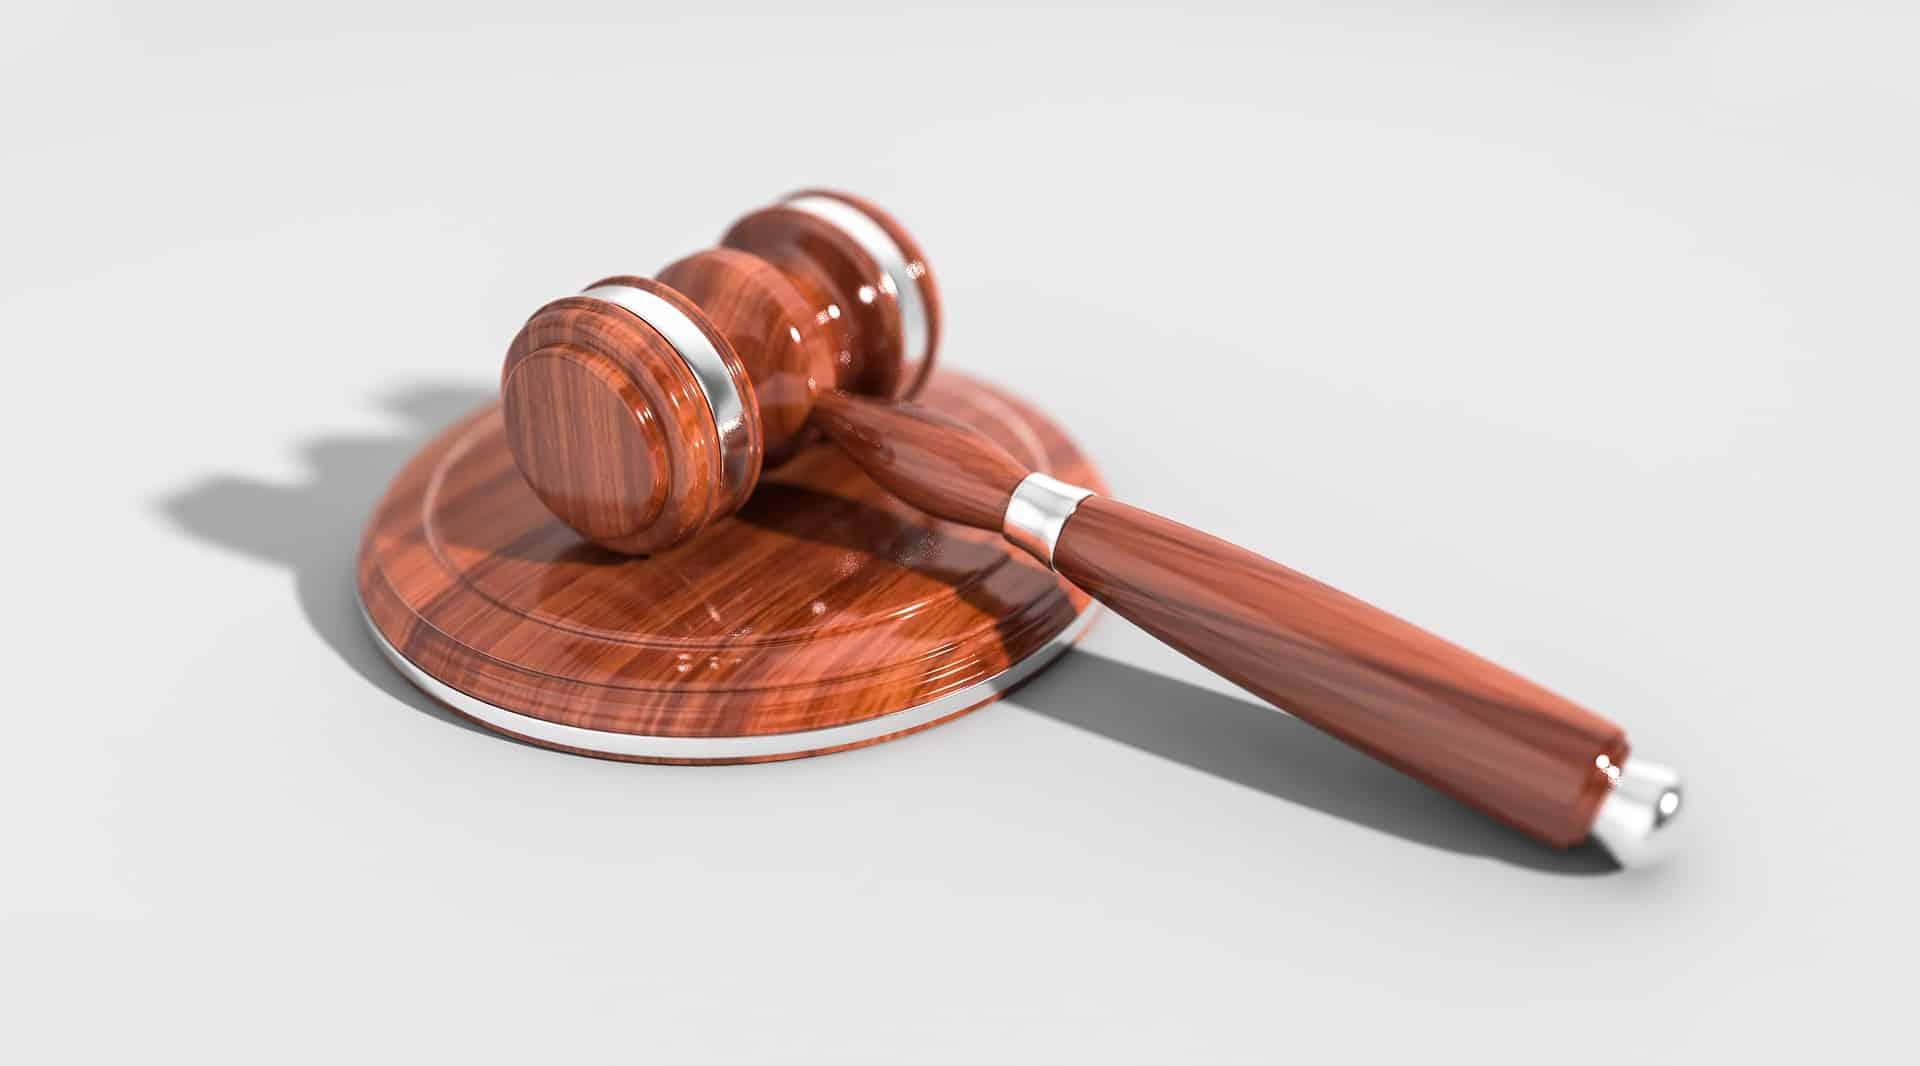 Hazai bíróságok: ki dönti el, hogy kinek van igaza? - Érthető Jog